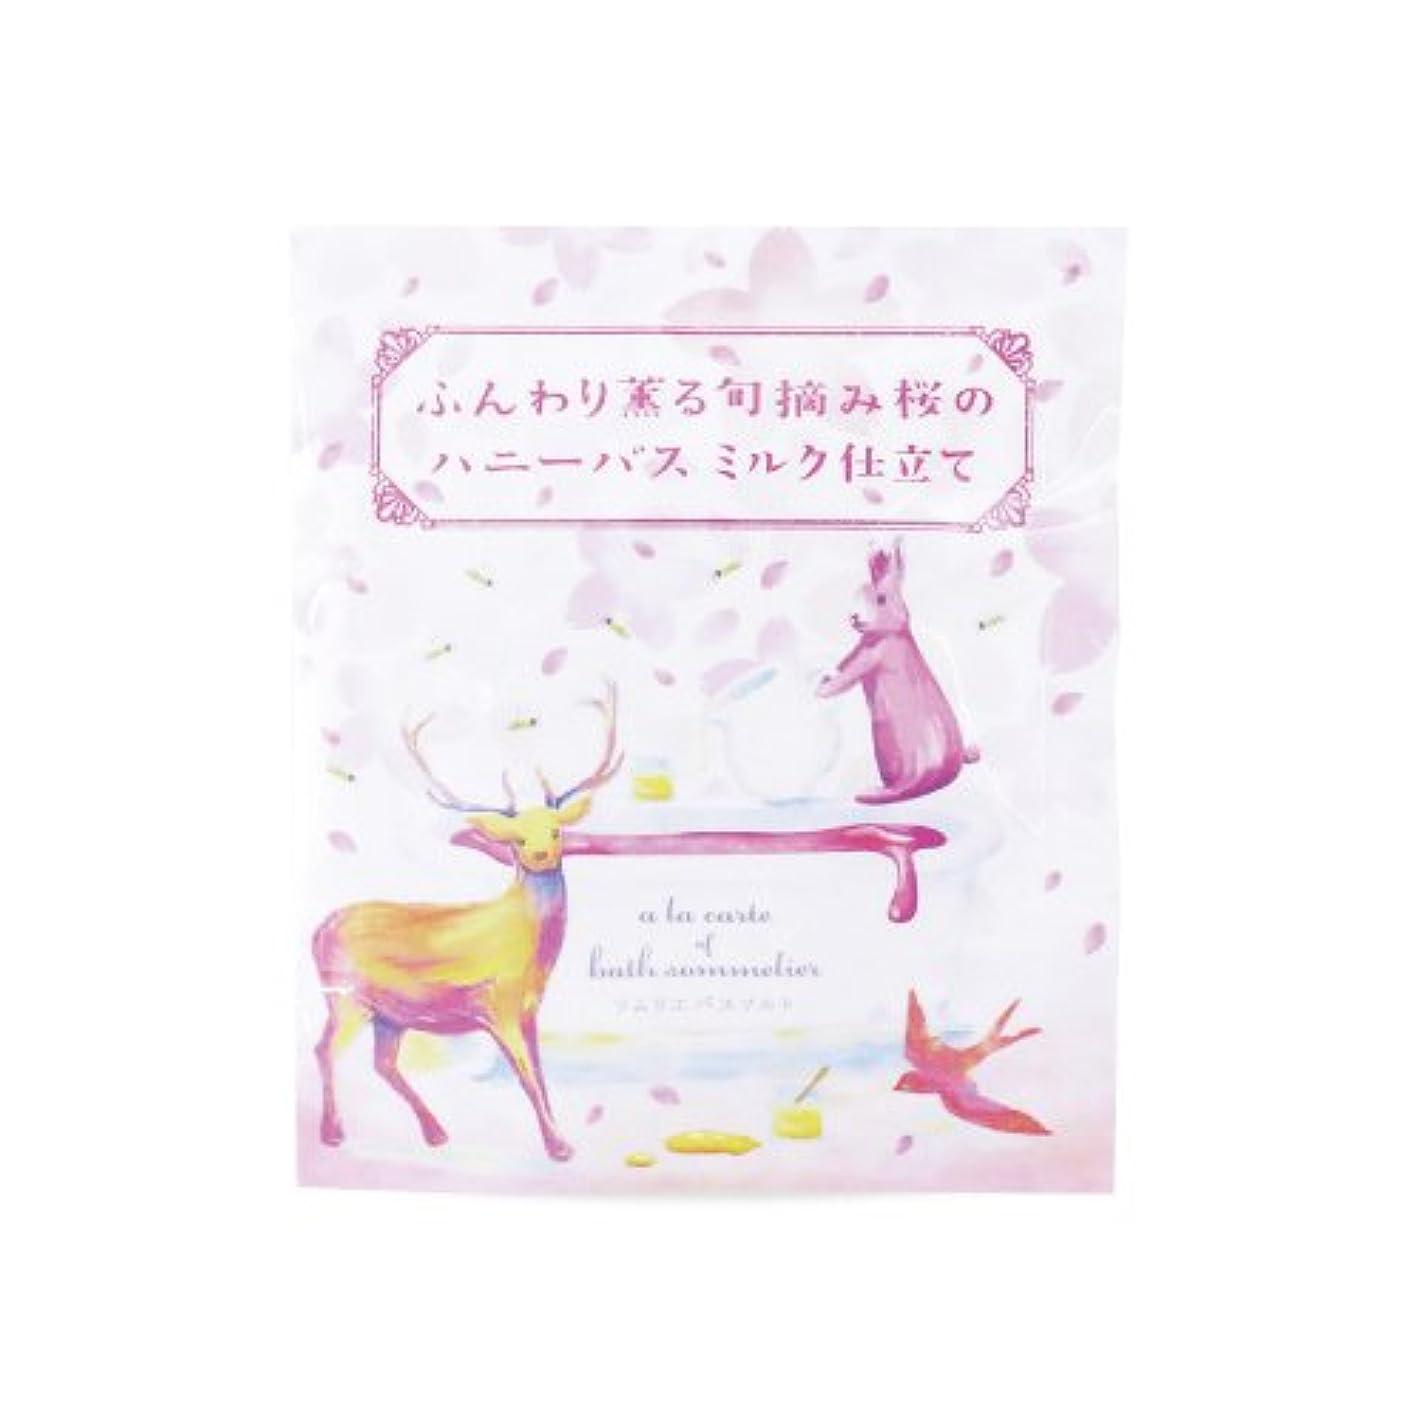 抑圧者レキシコンポゴスティックジャンプチャーリー ソムリエバスソルト 旬摘み桜のハニーバスミルク仕立て